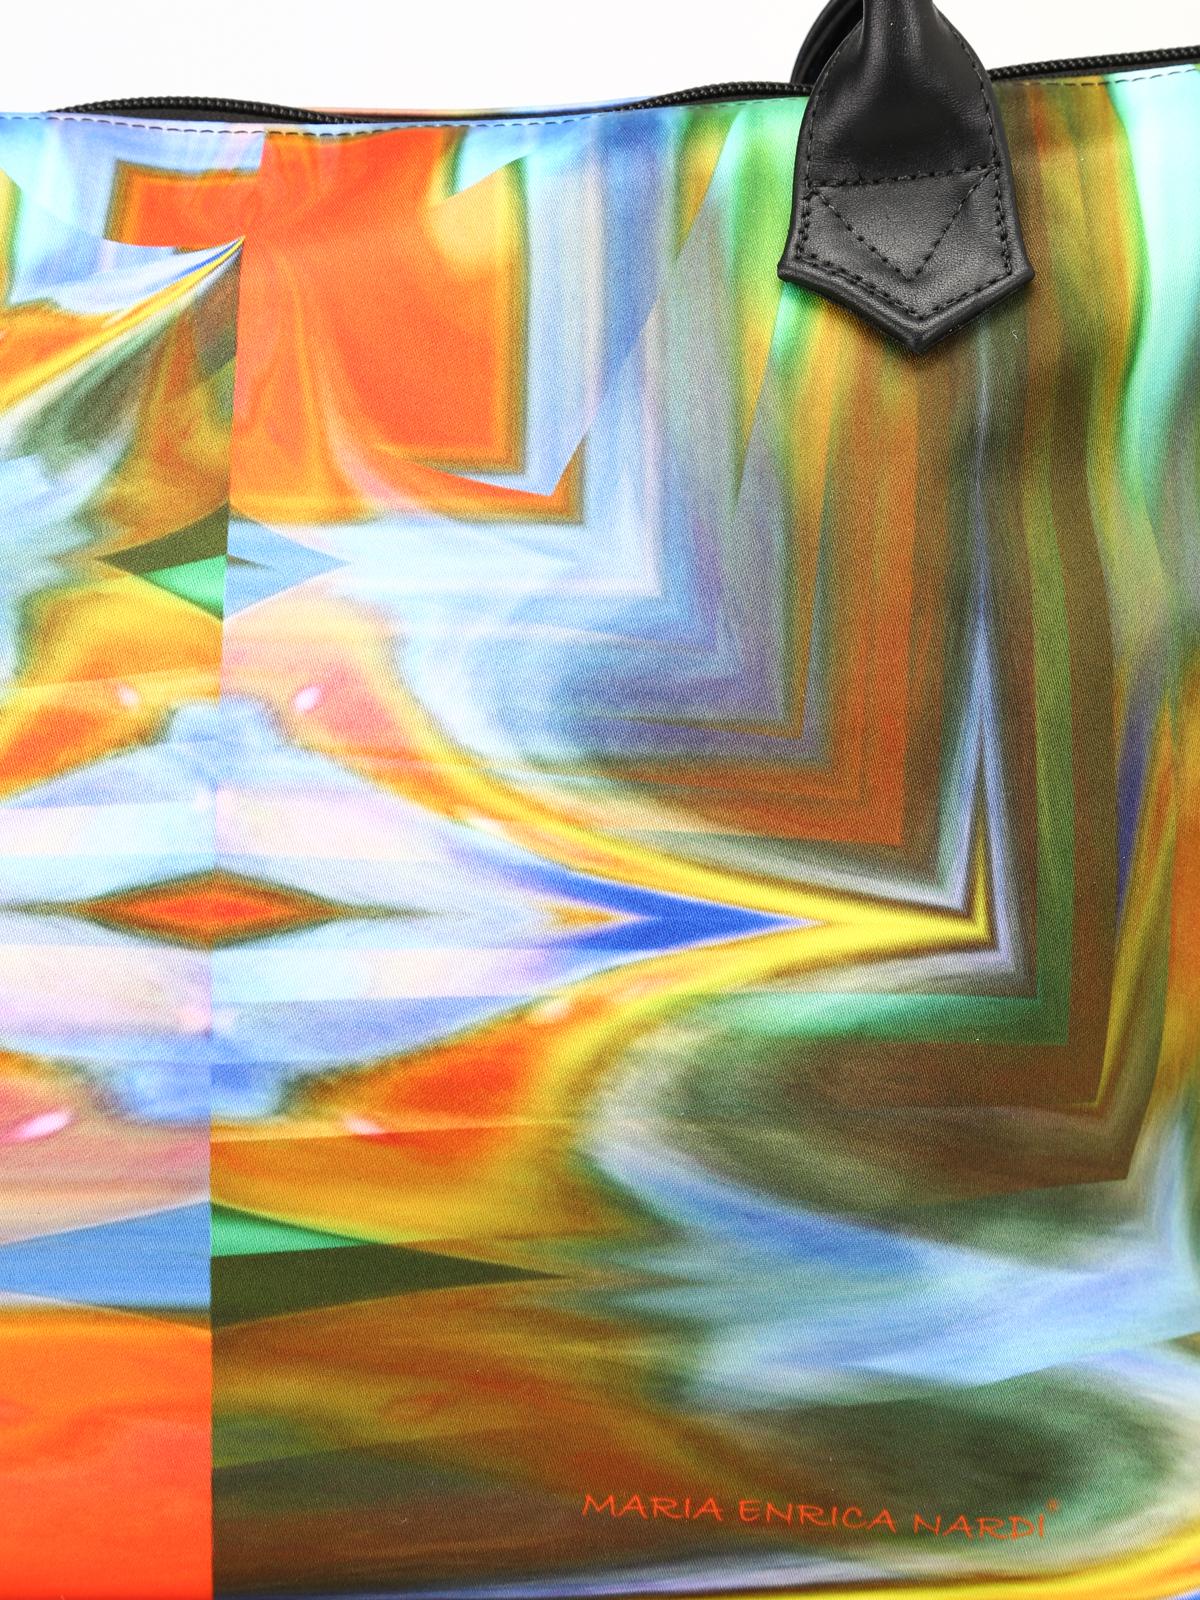 Nouveau Maria Enrica Nardi Andromeda Fourre-tout Satin Imperméable À L'eau Livraison Gratuite Prix Le Moins Cher Jeu Extrêmement Style De Mode Pas Cher 2nHoVy7